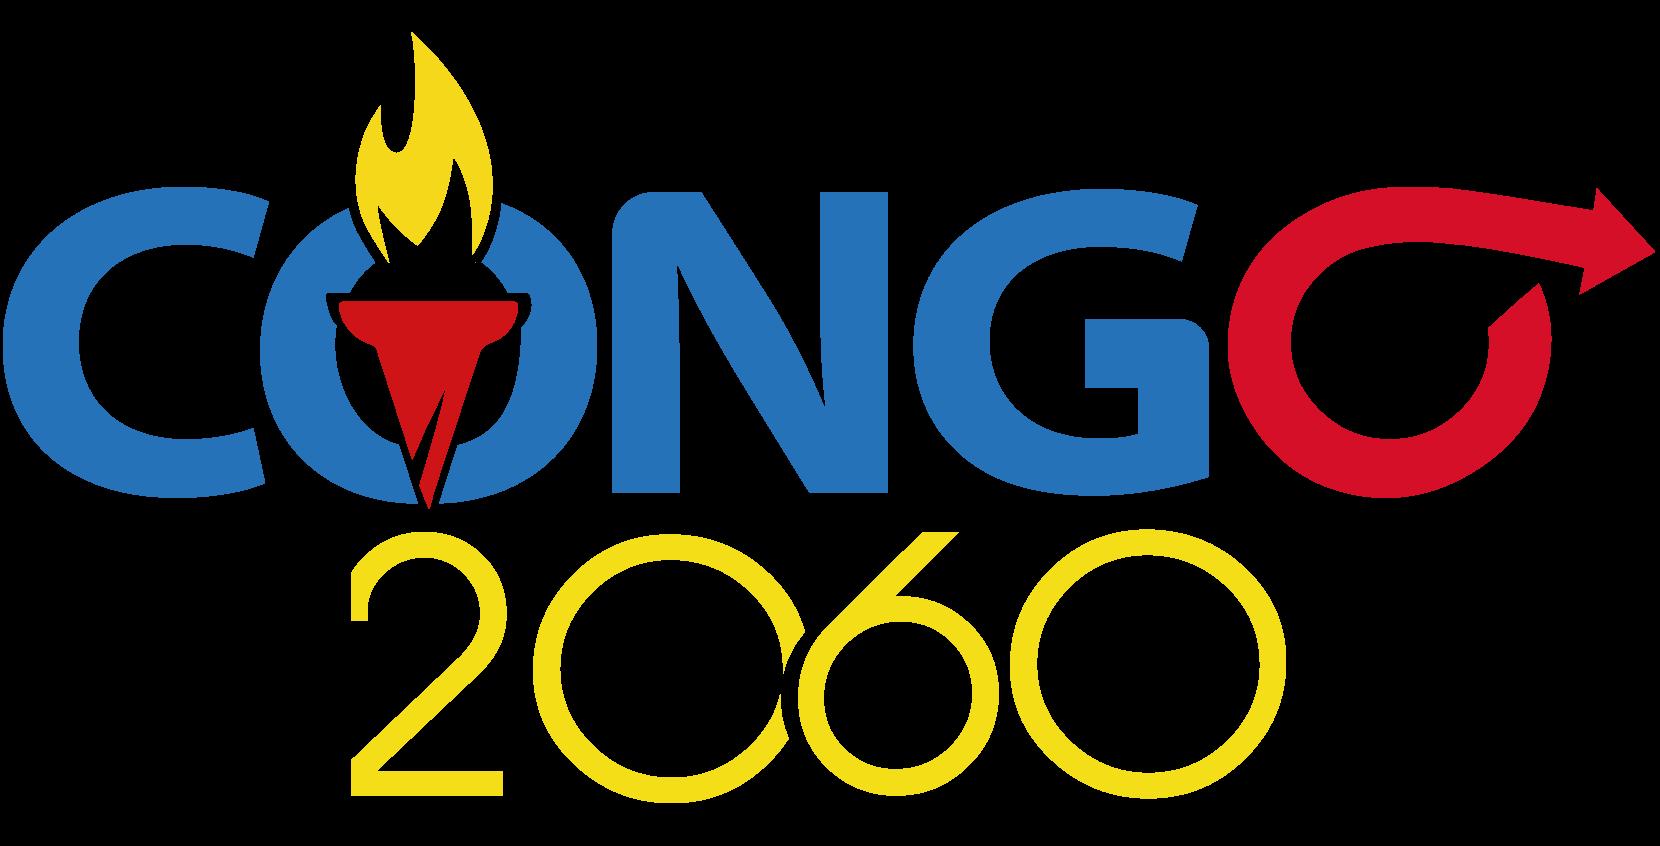 Congo2060